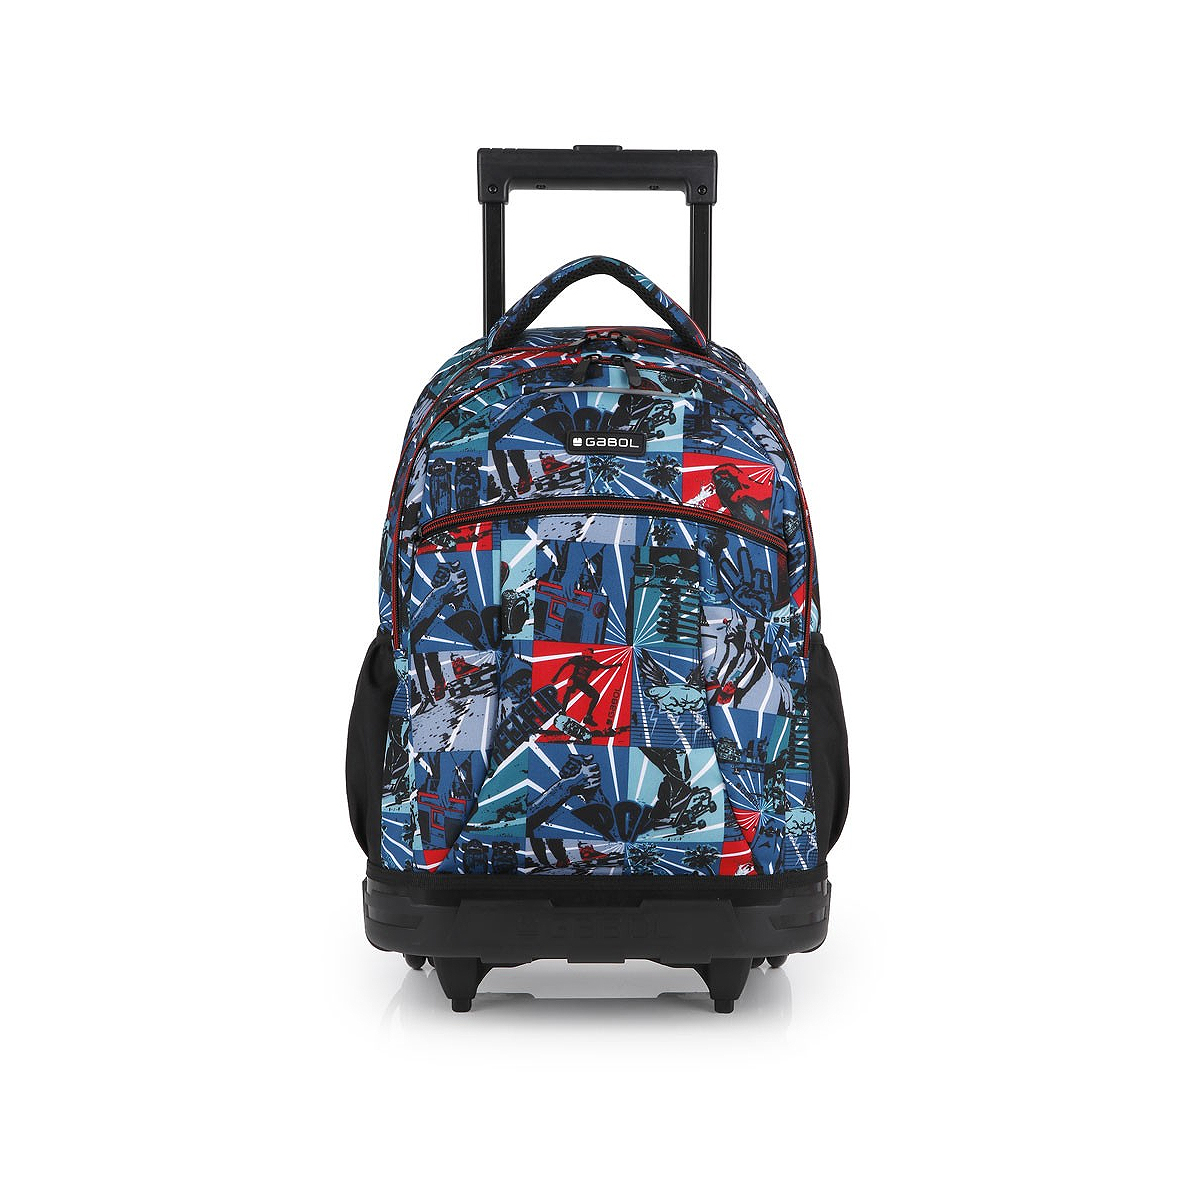 Ghiozdan Troller, Două Compartimente, Multicolor, Model Flip, Gabol, 225247